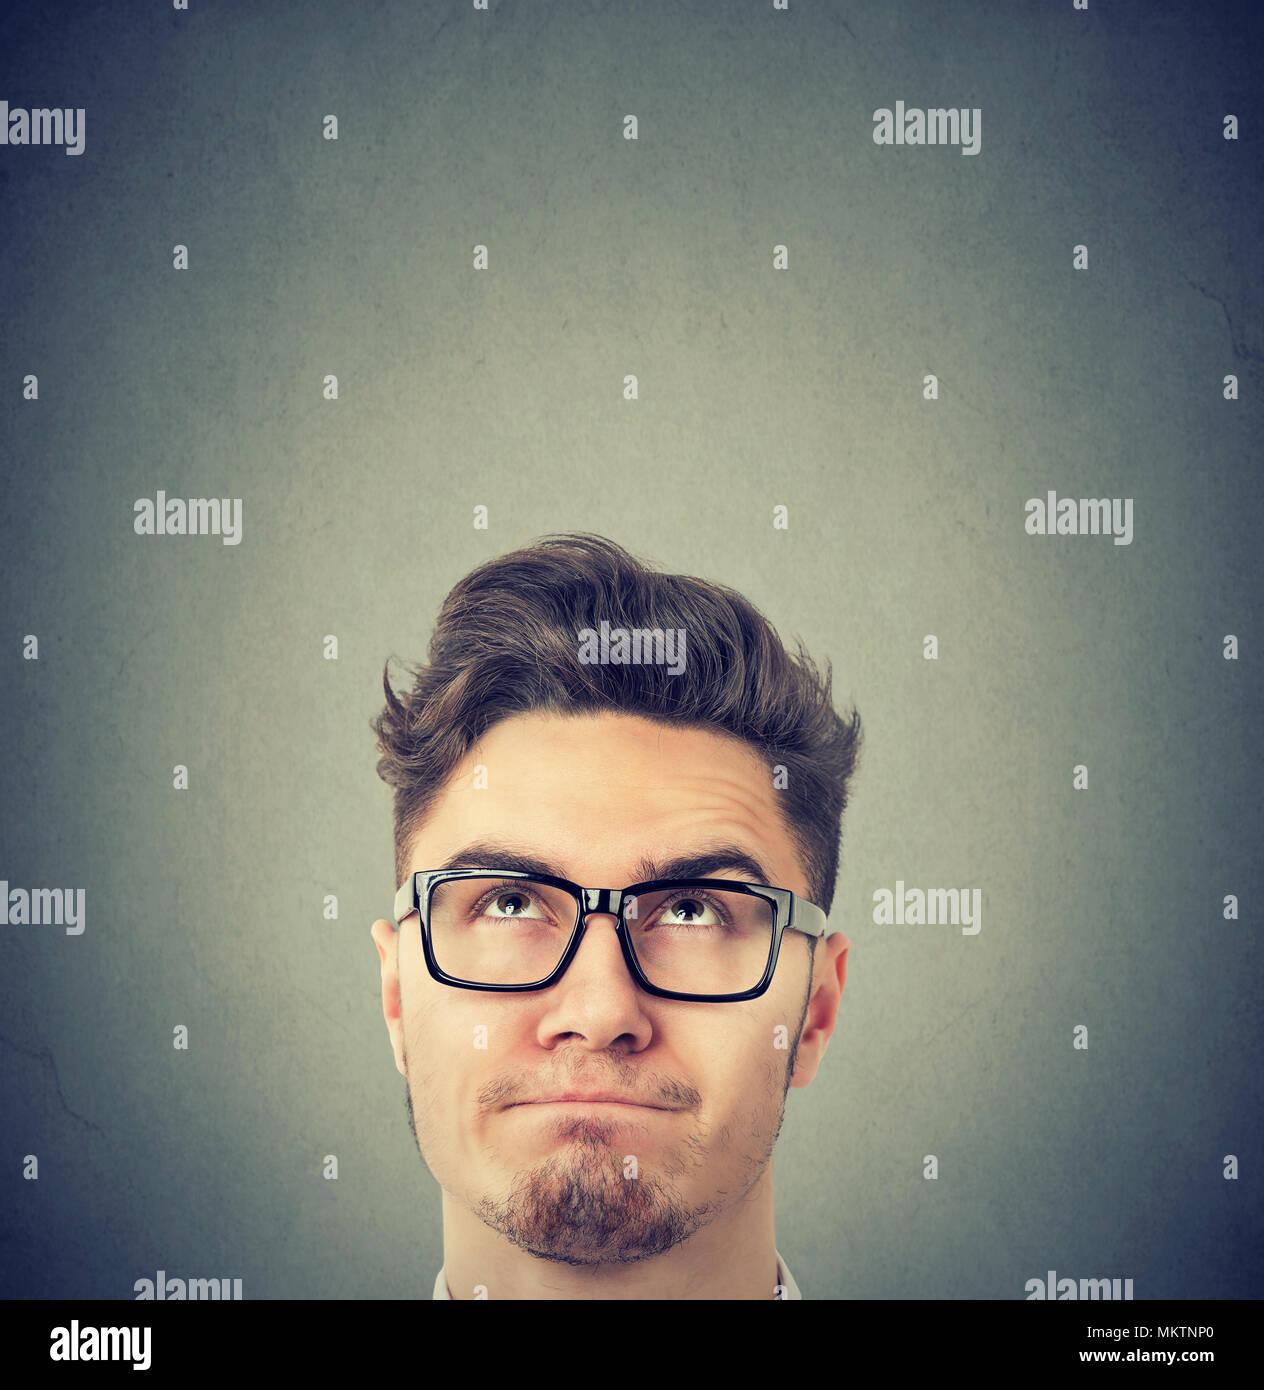 Grave joven llevaba gafas negras mirando hacia arriba pensando Imagen De Stock